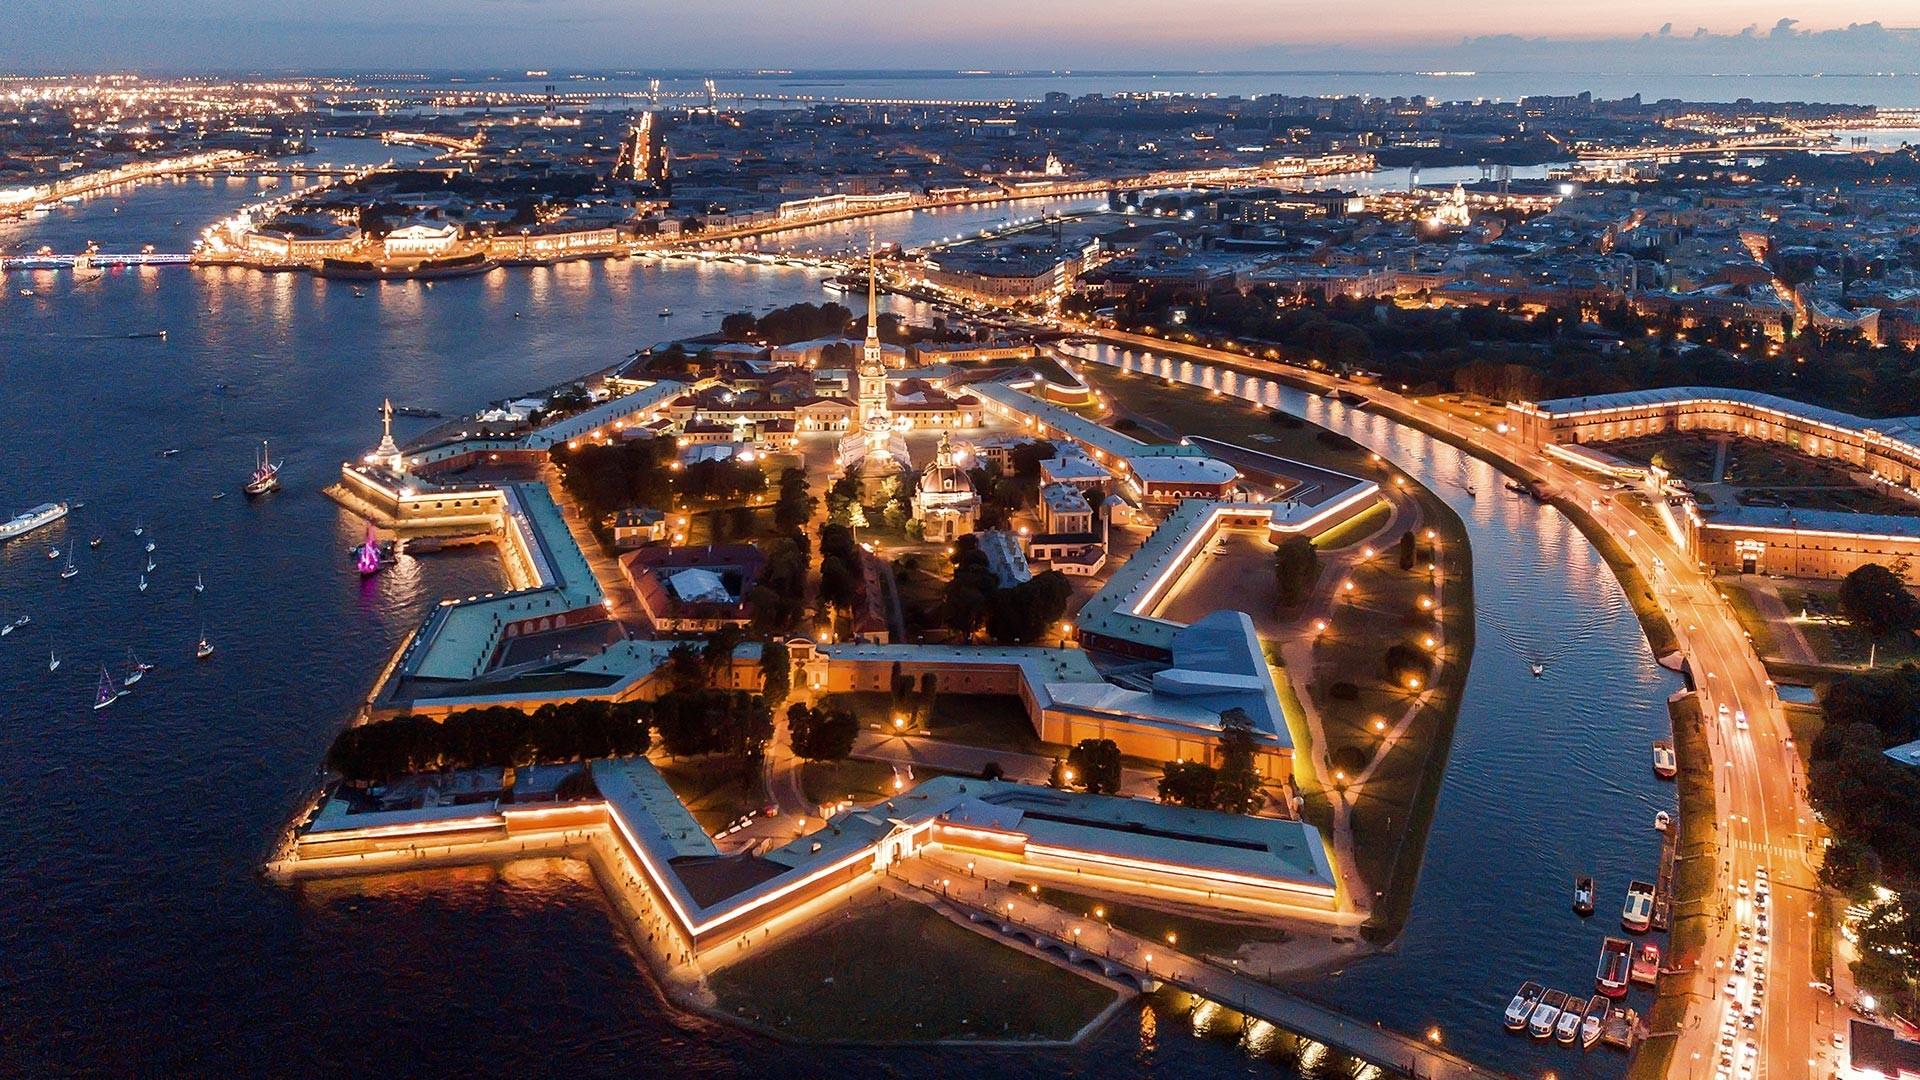 Luftaufnahme der Nachtstadt St. Petersburg, Peter-und-Paul-Festung.